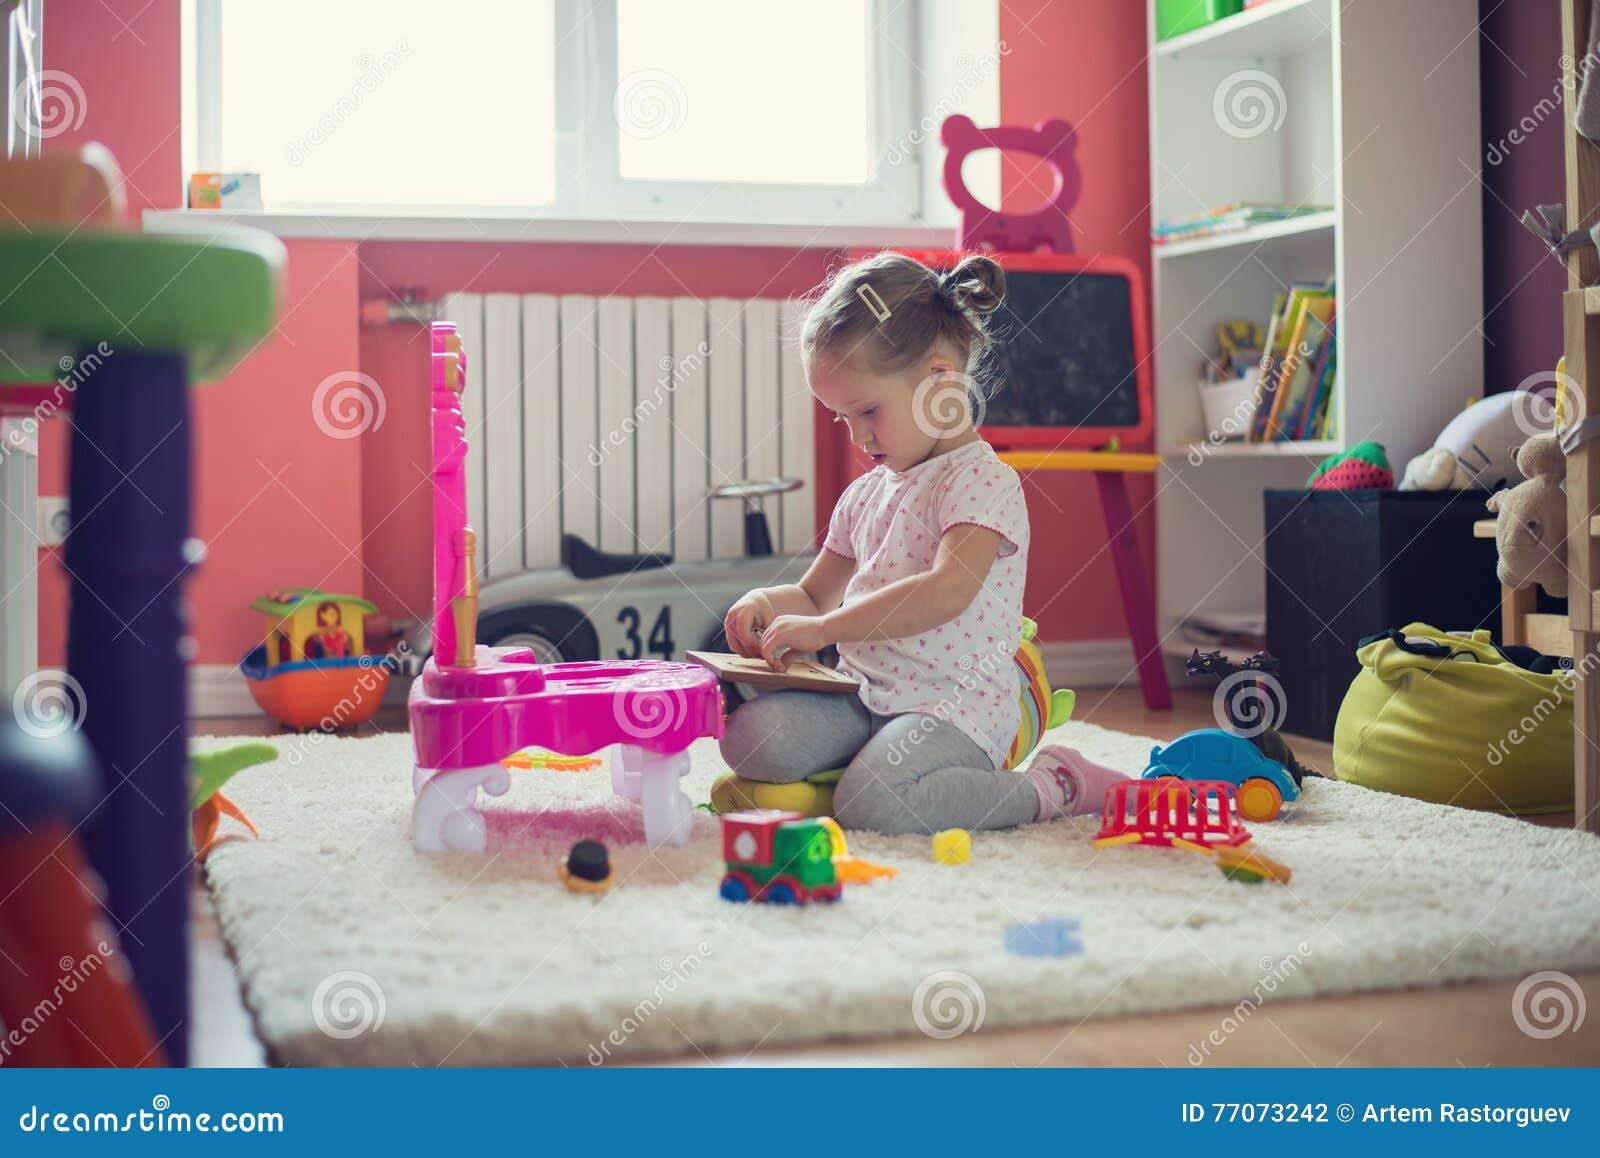 παιχνίδι κοριτσιών με τα παιχνίδια στο δωμάτιο παιδιών